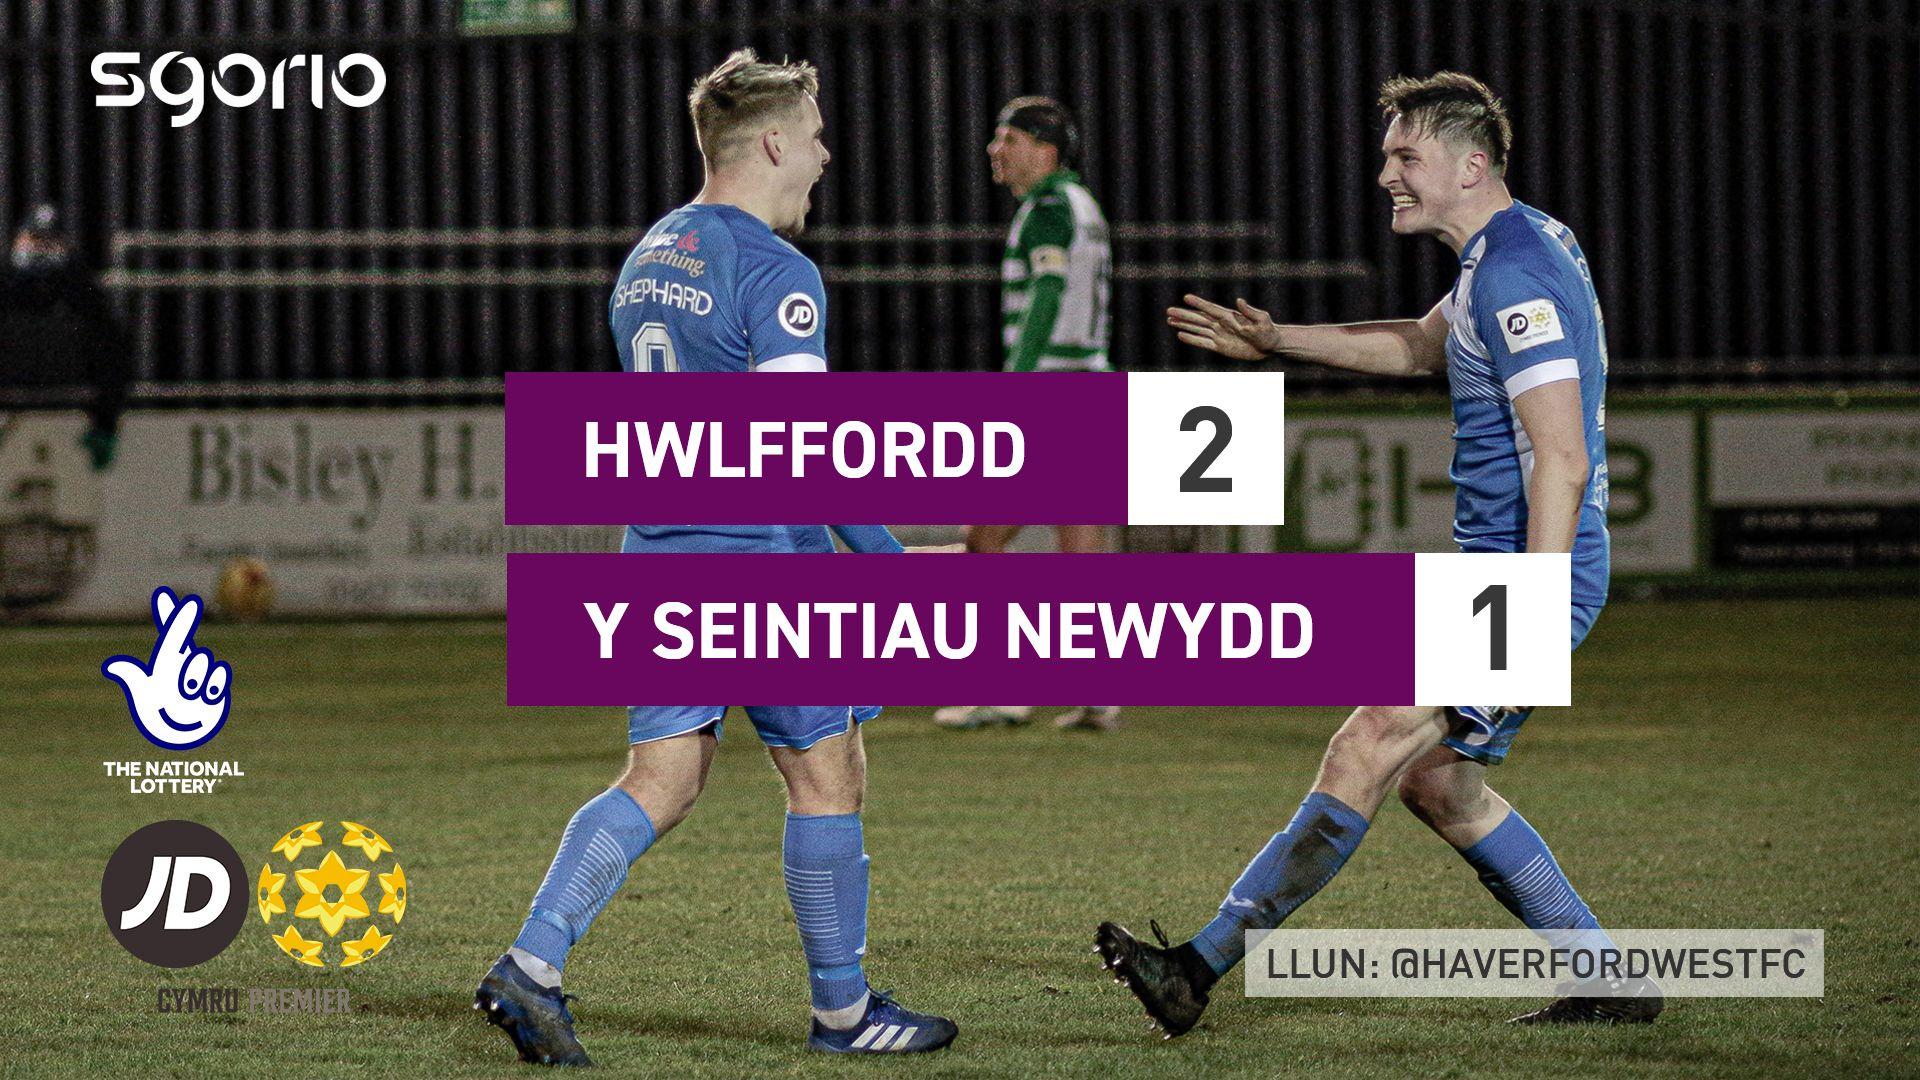 Hwlffordd 2-1 Y Seintiau Newydd